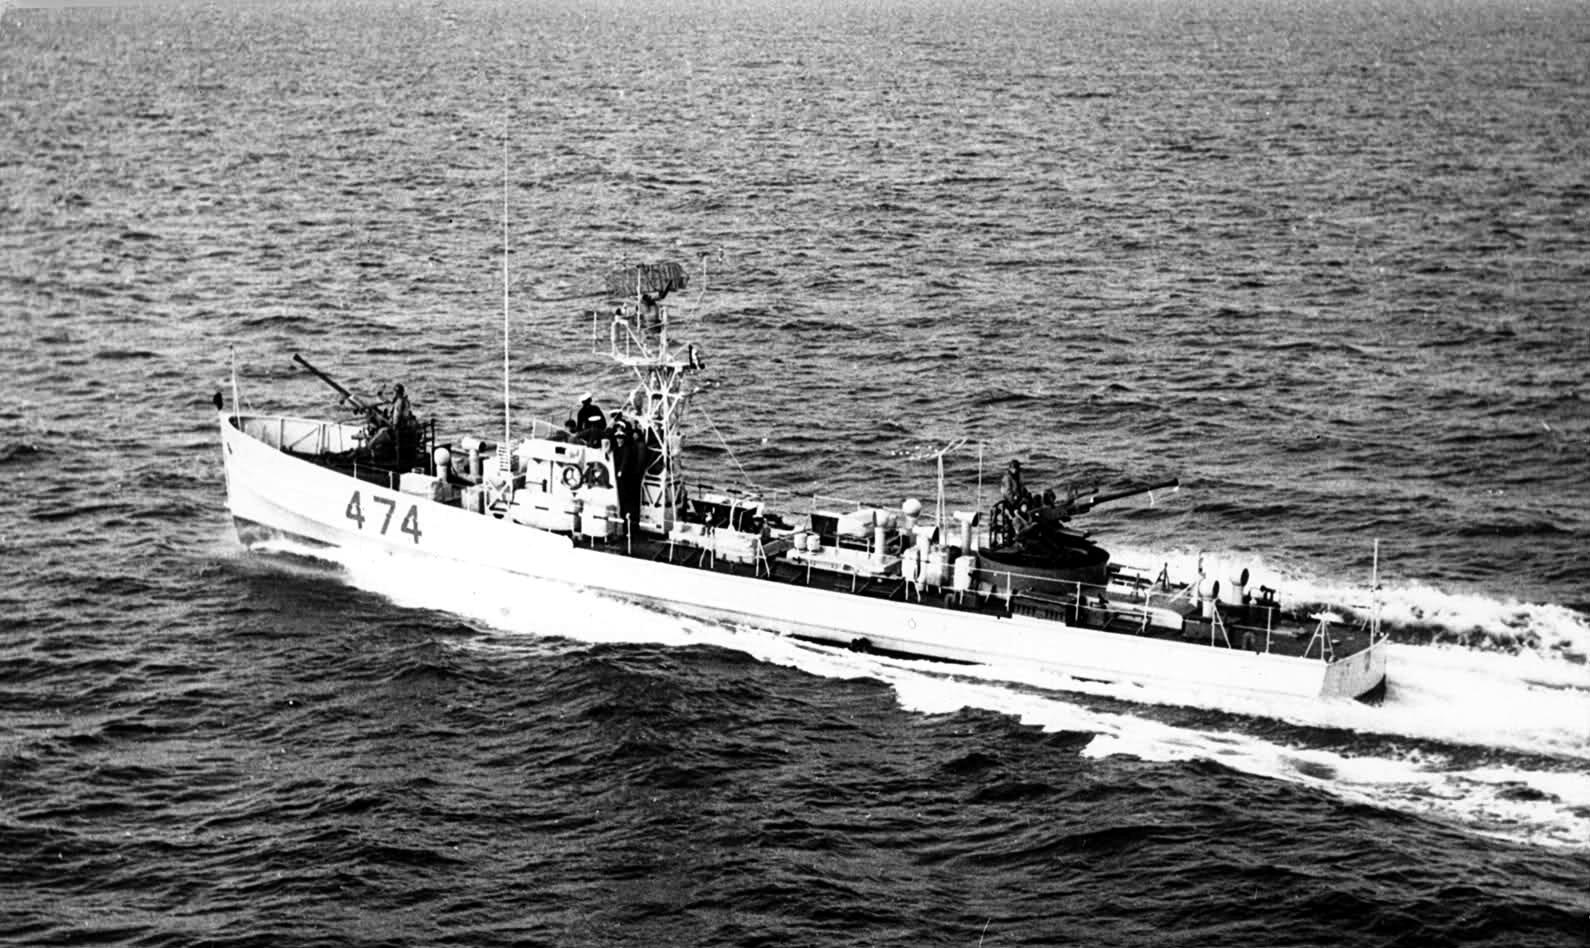 Vedettes de patrouille type M.S. MS474